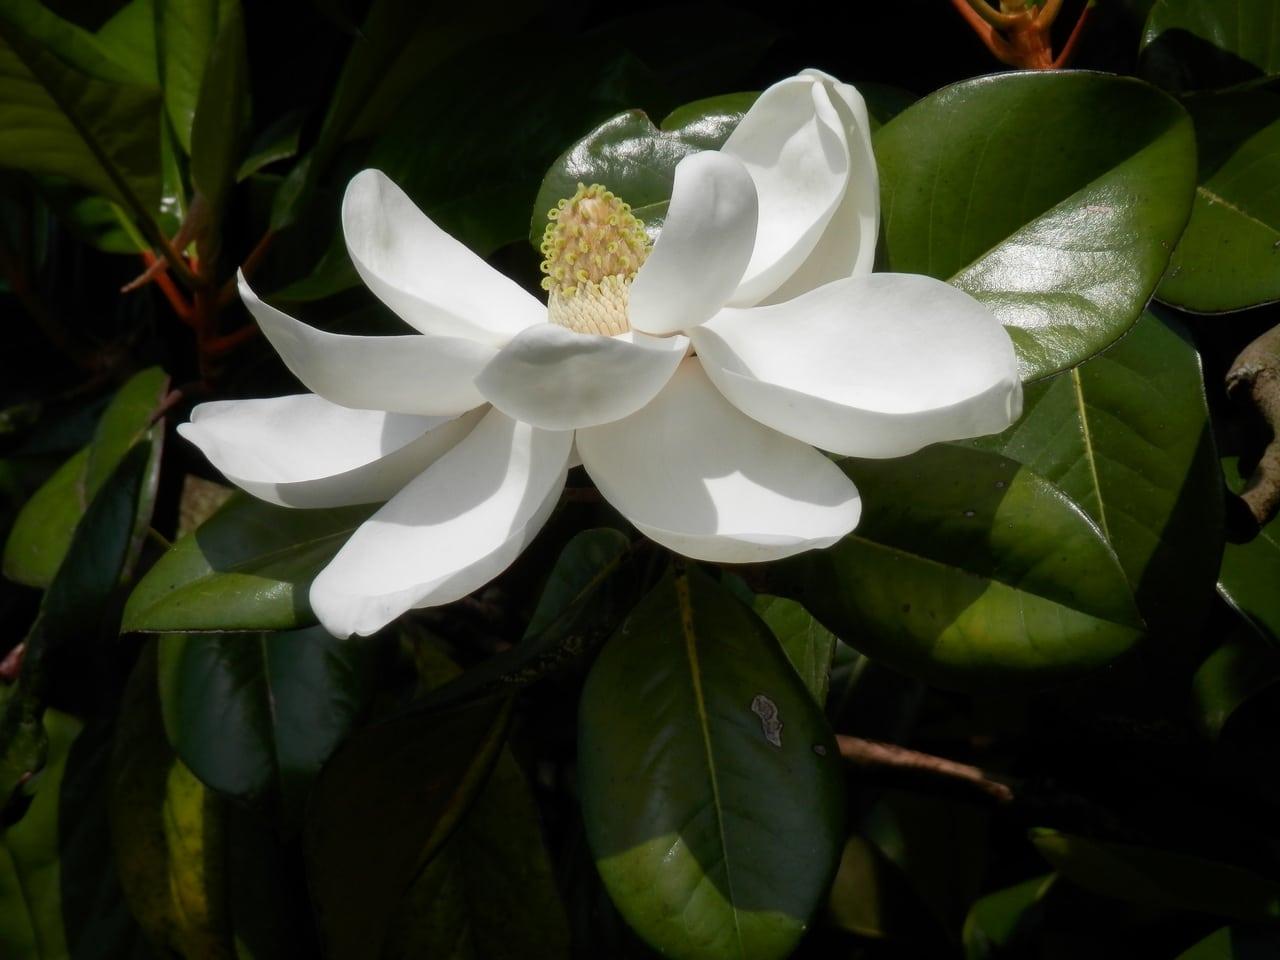 La Magnolia grandiflora produce flores blancas